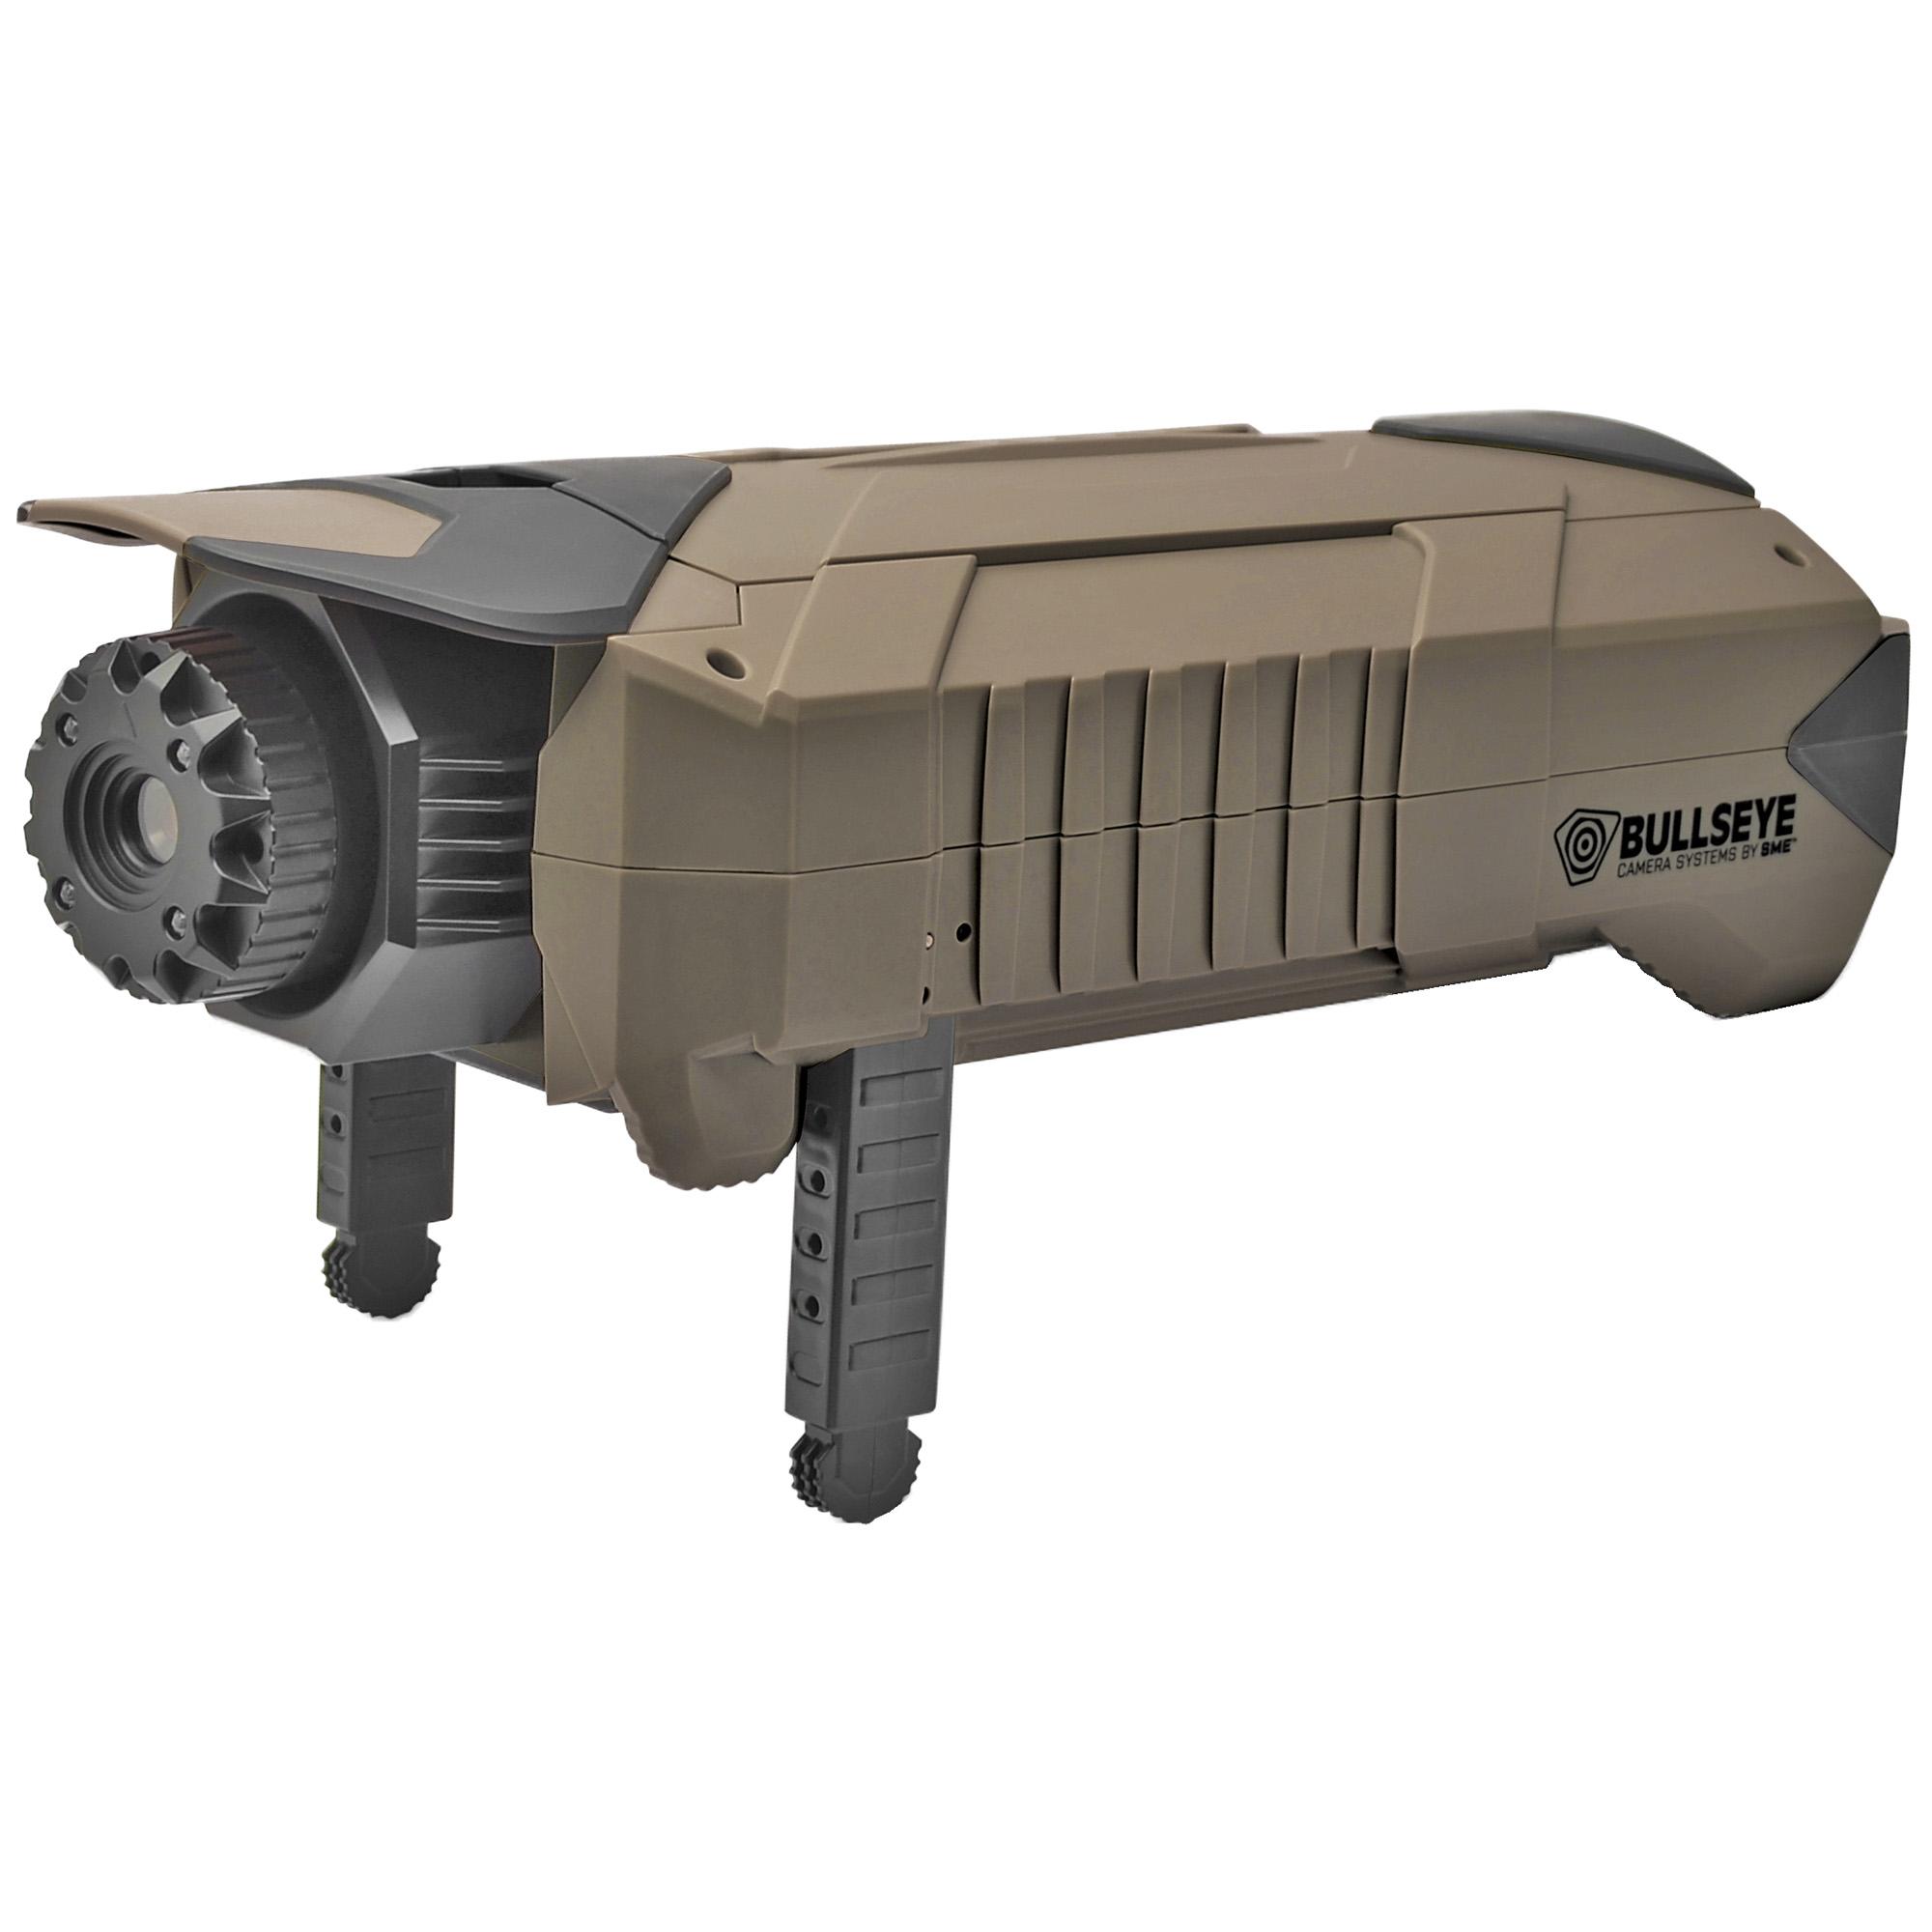 Sme Bullseye Trgt Cam Sight In 300yd